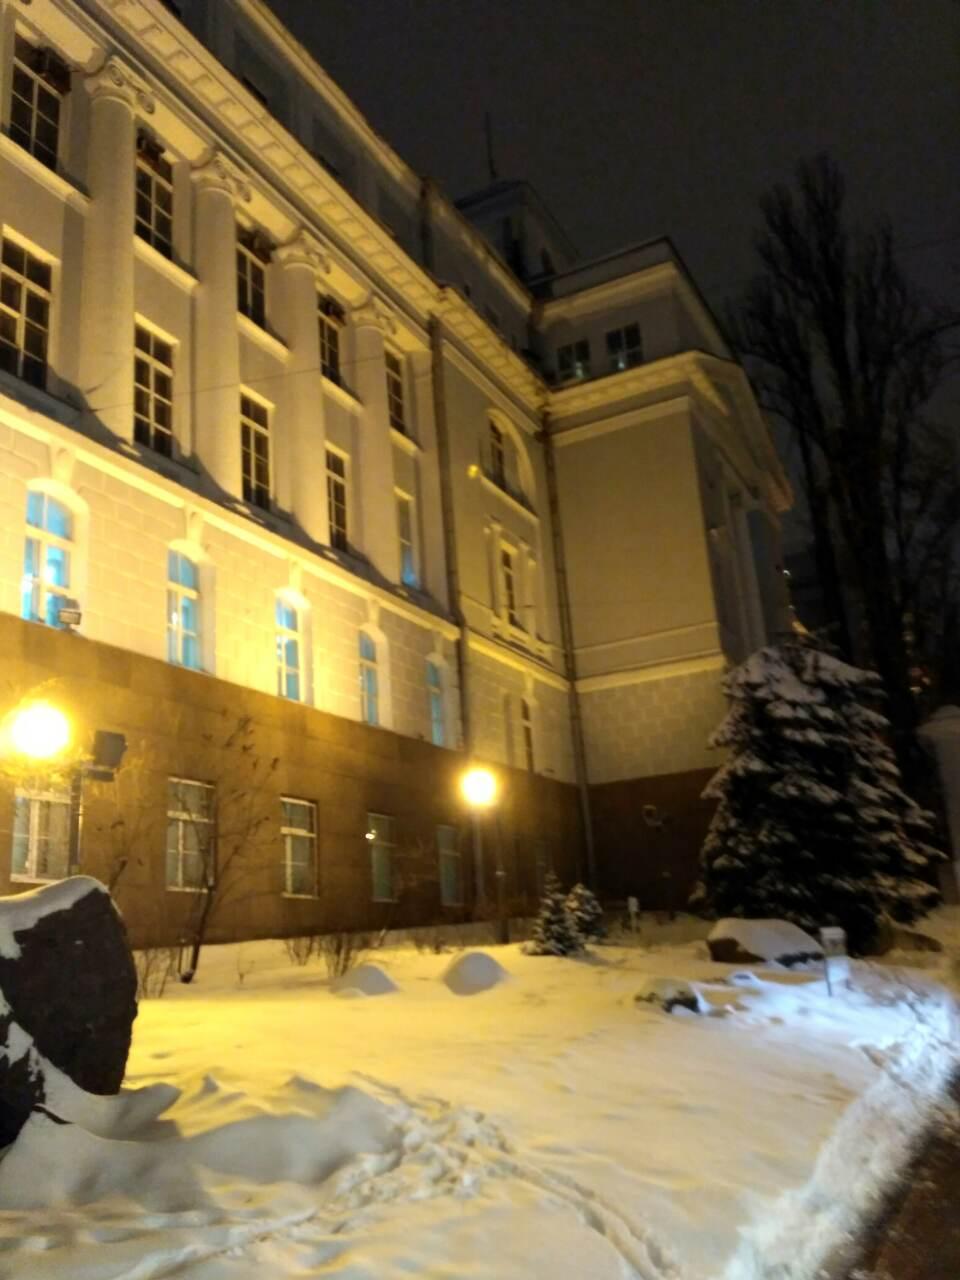 Научно-природоведческий музей в Киеве: фото, цены 2019, описание